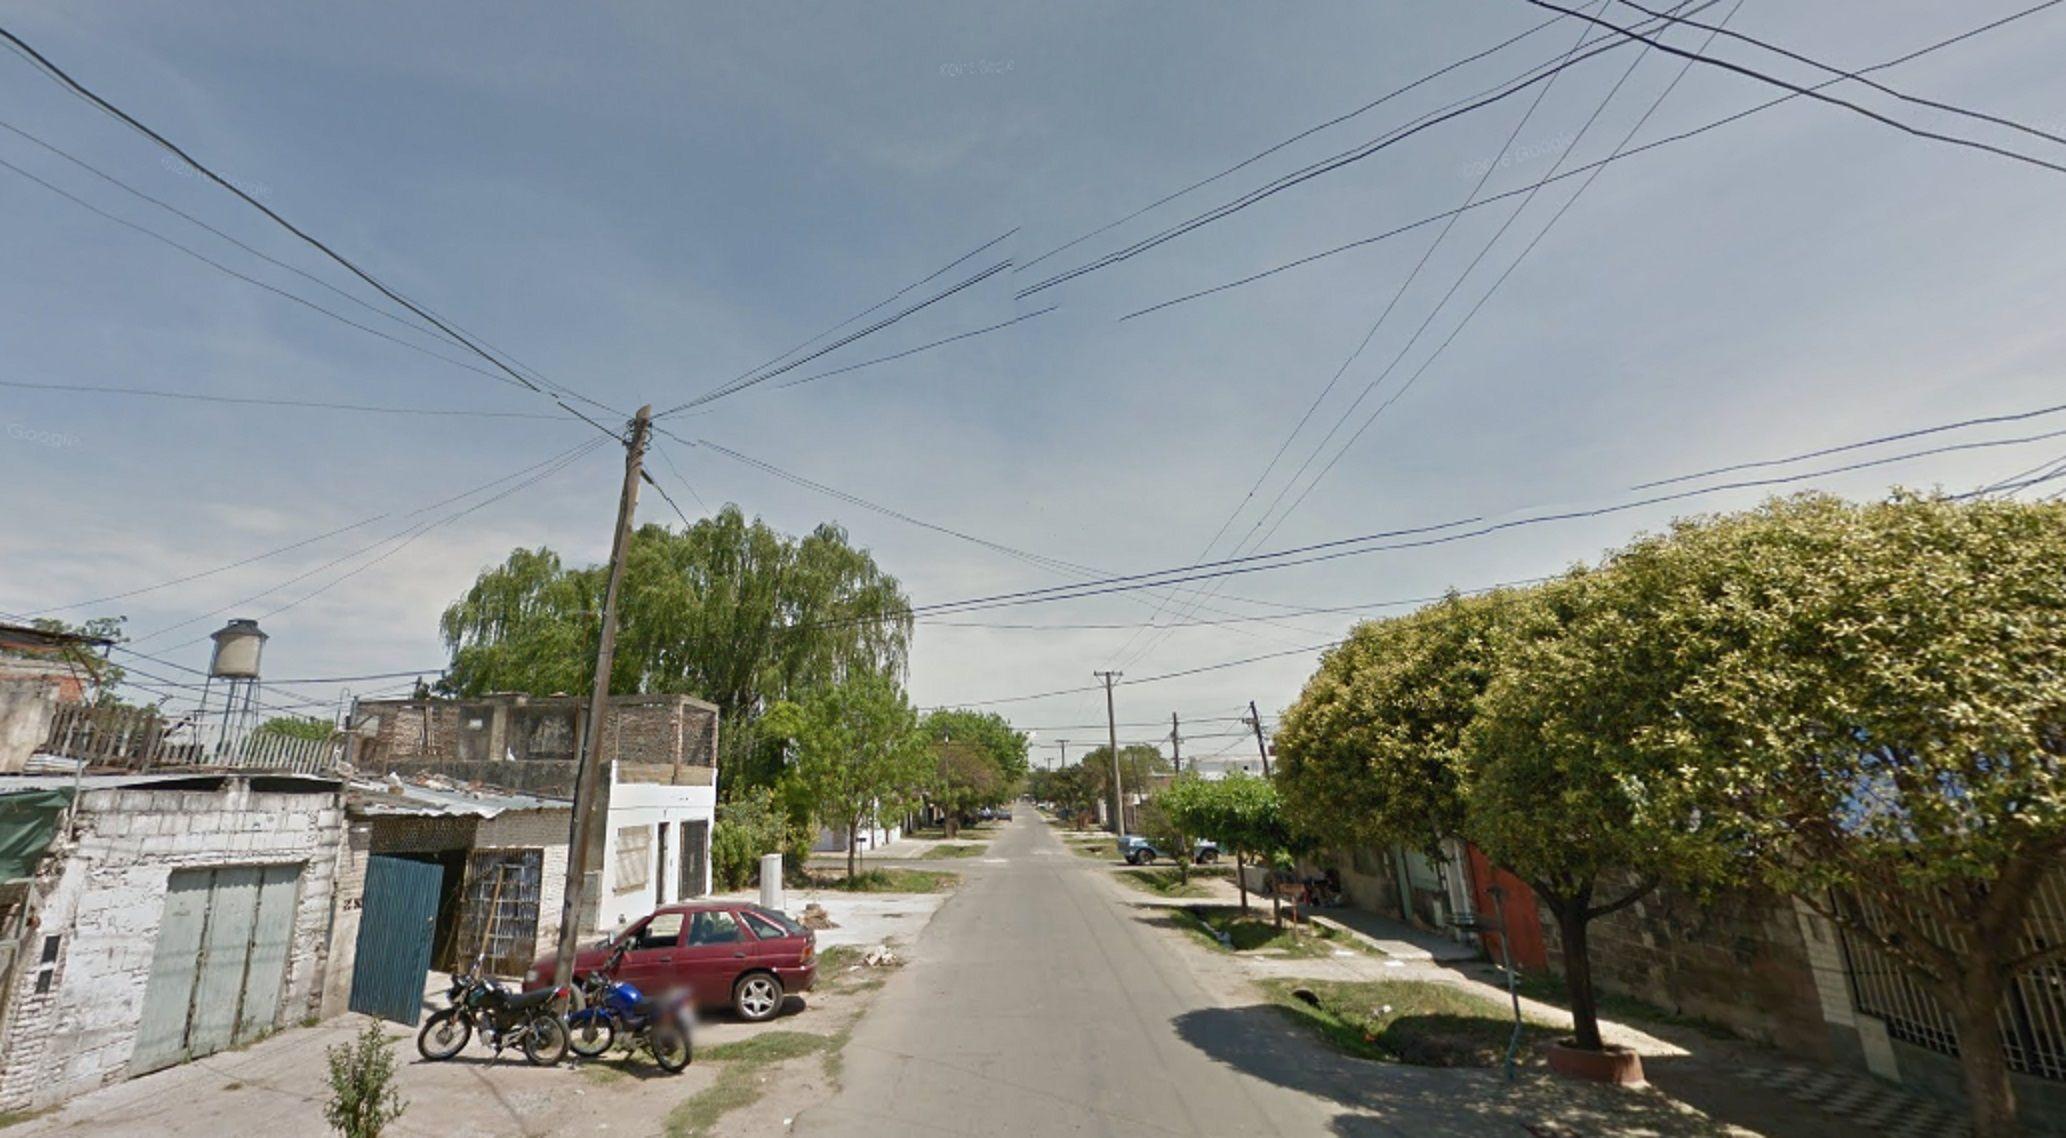 Una nena de 9 años murió cuando jugaba en el patio de su casa en Rosario